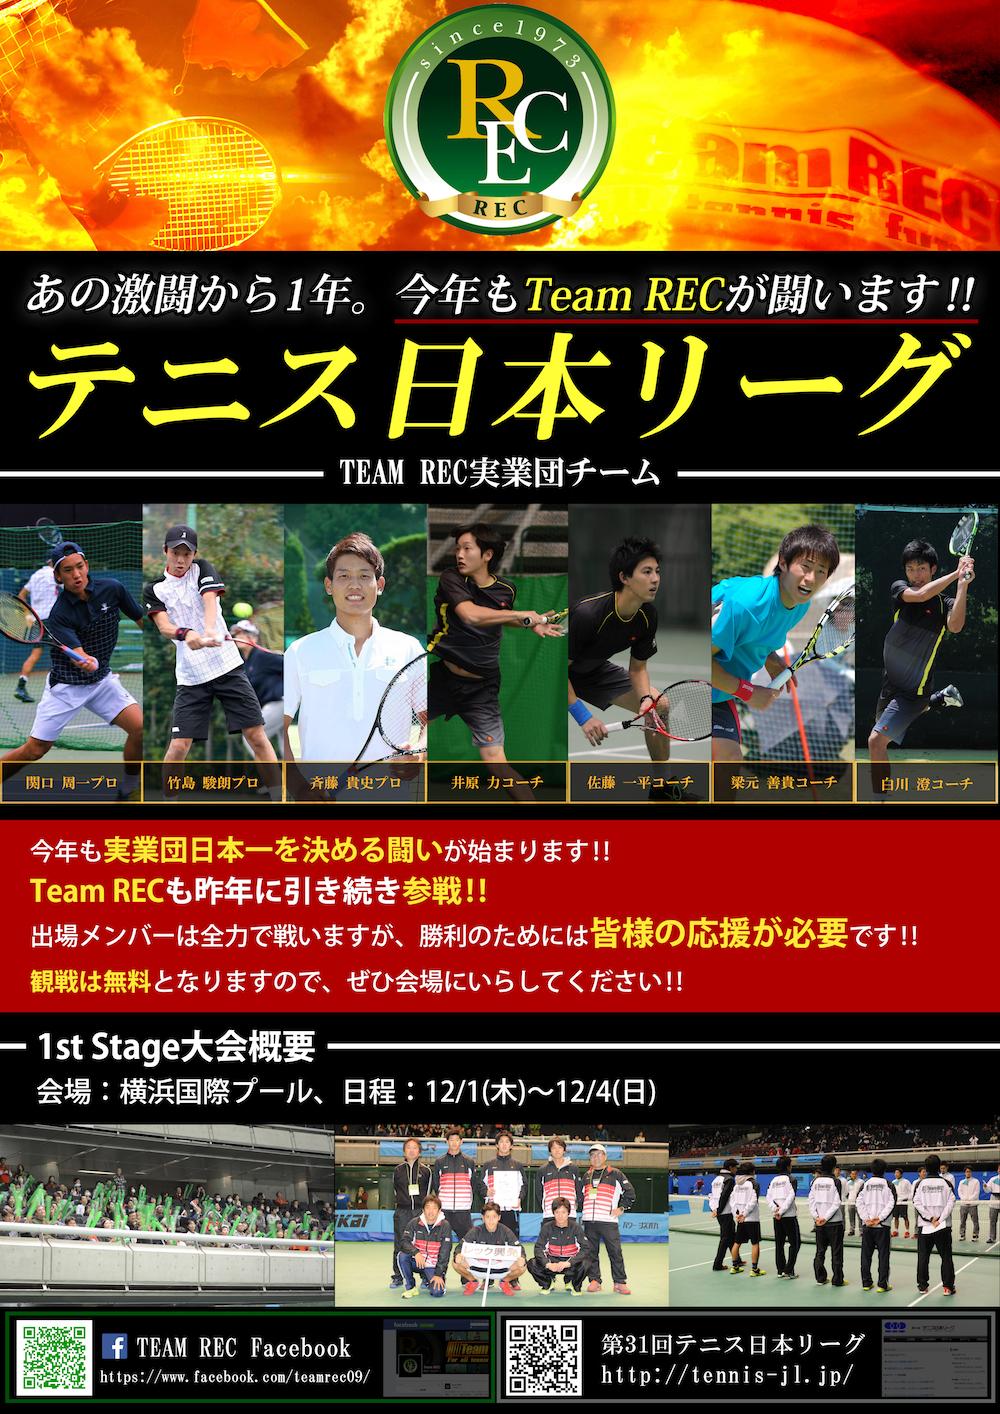 japanleague1ststage_web